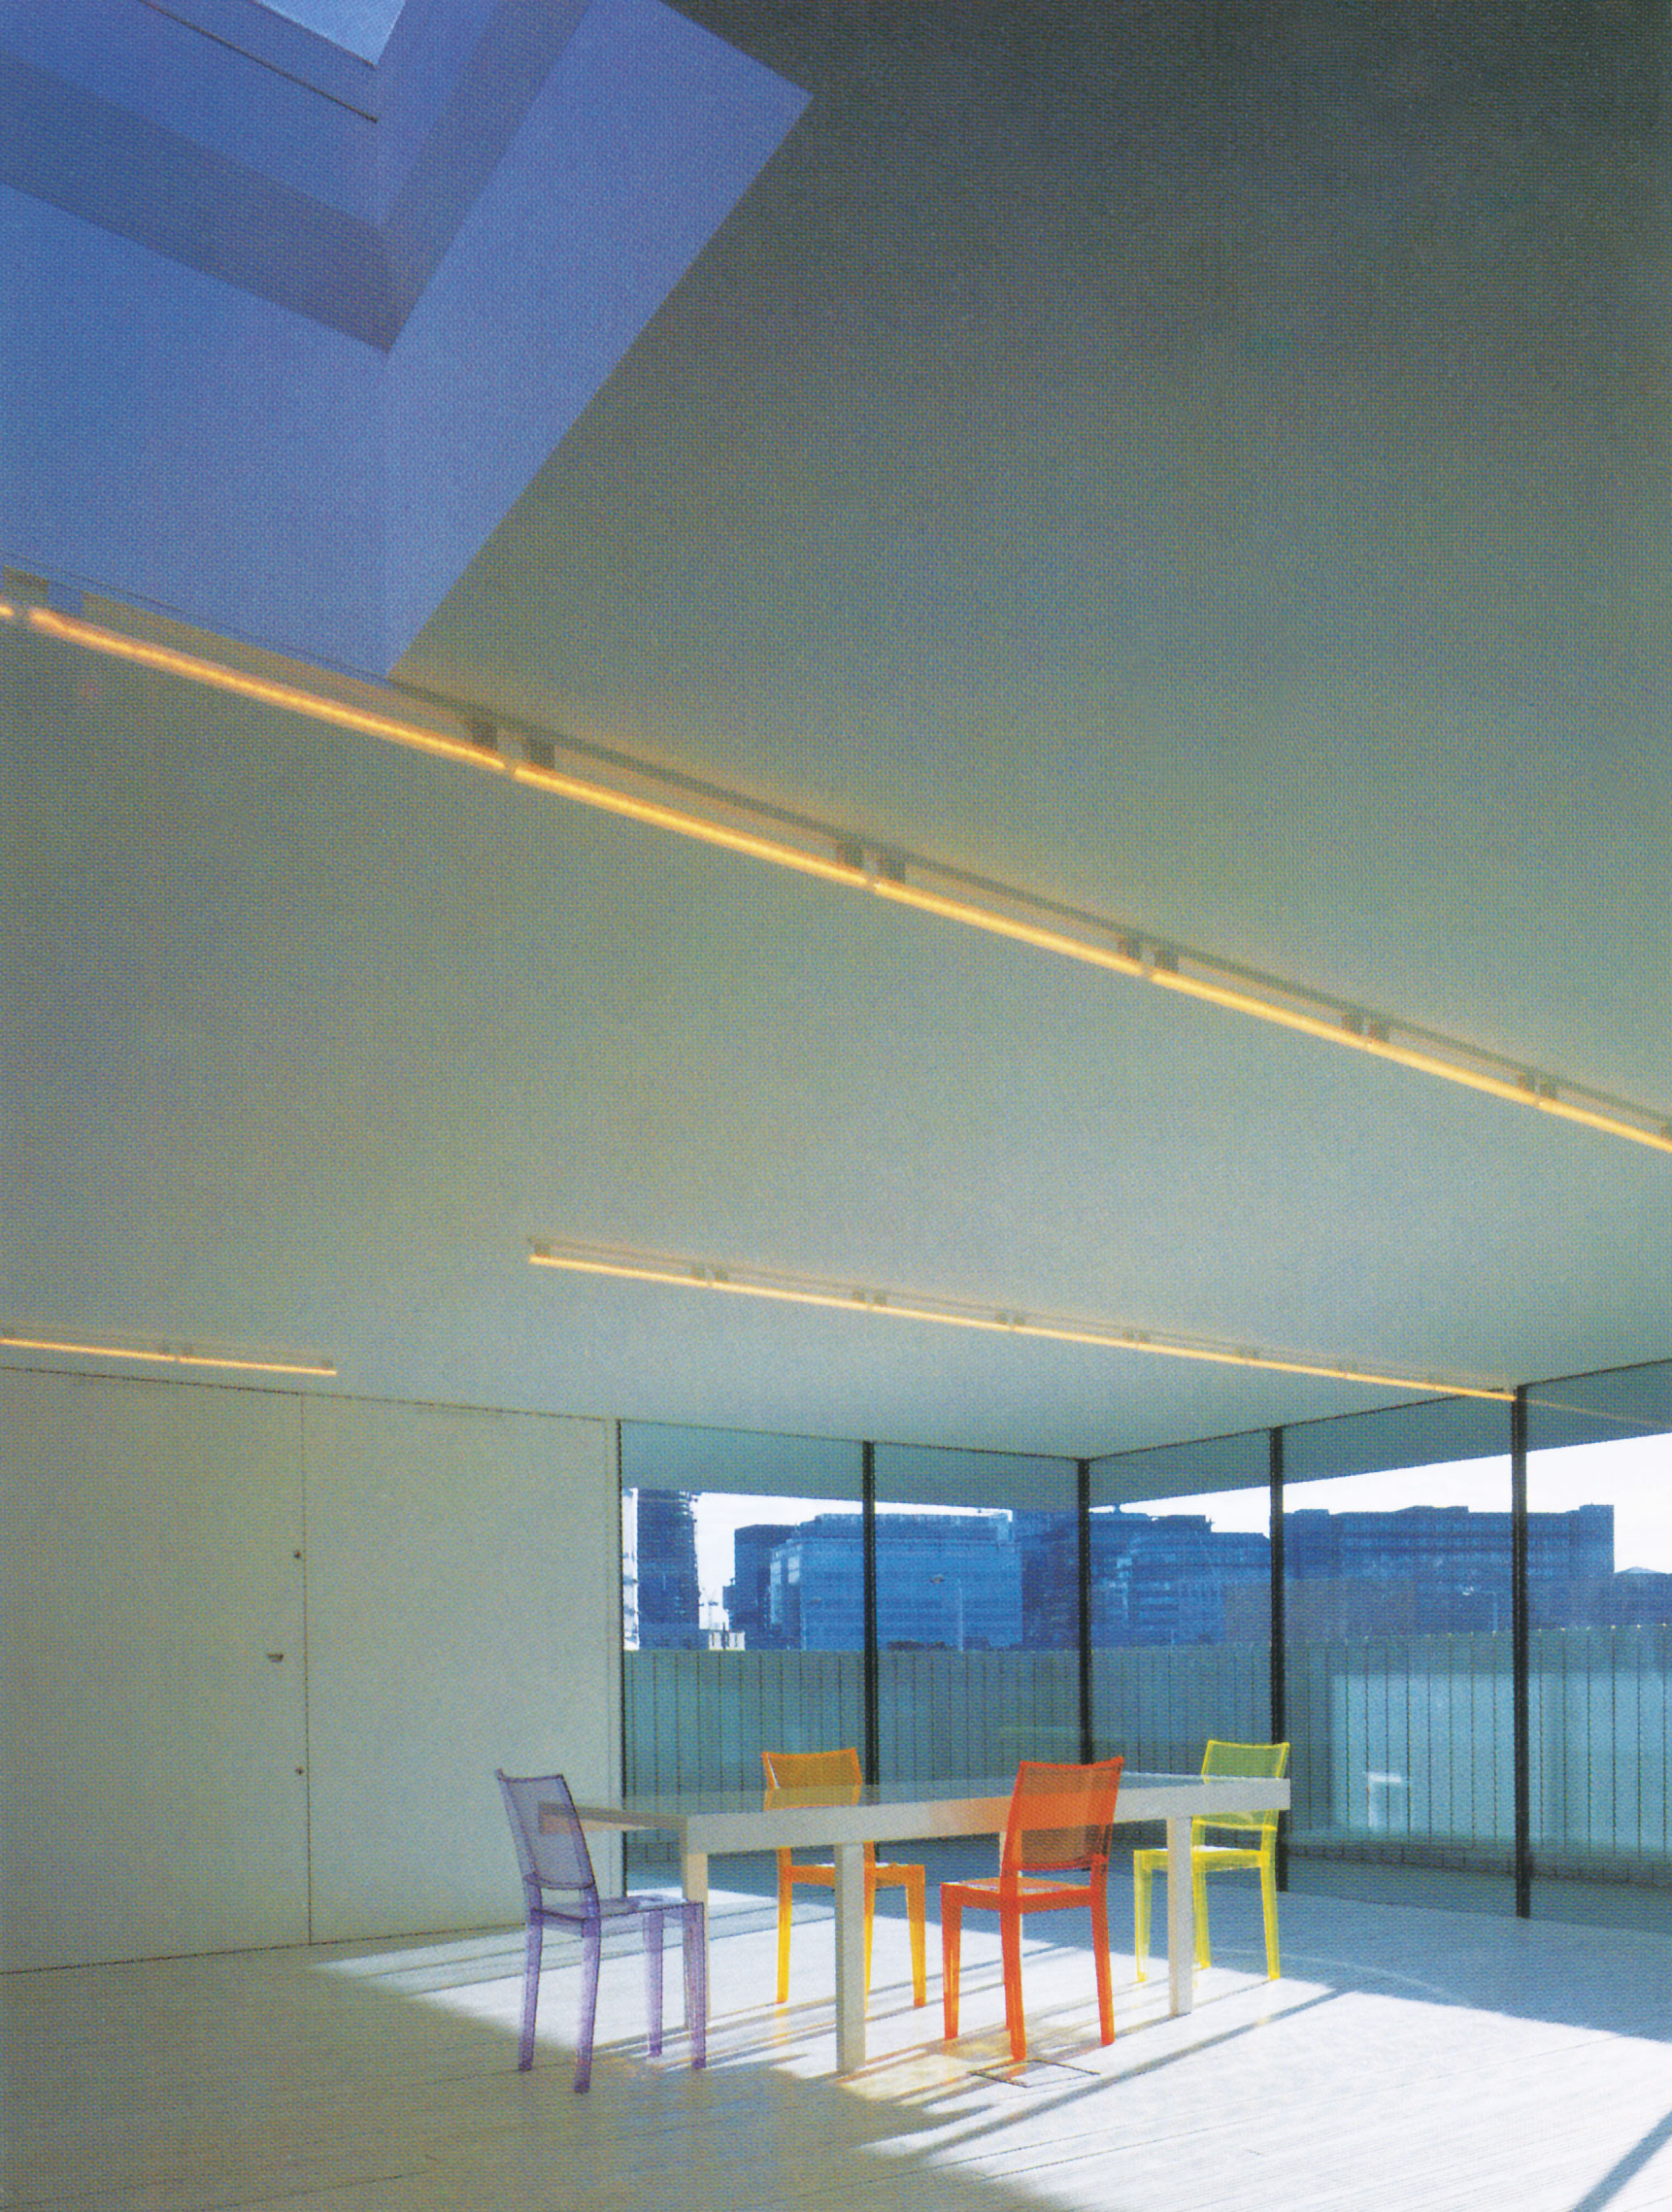 شرکت معماران آجایه، خانهی دِرتی؛ لندن، انگلیس، 2002